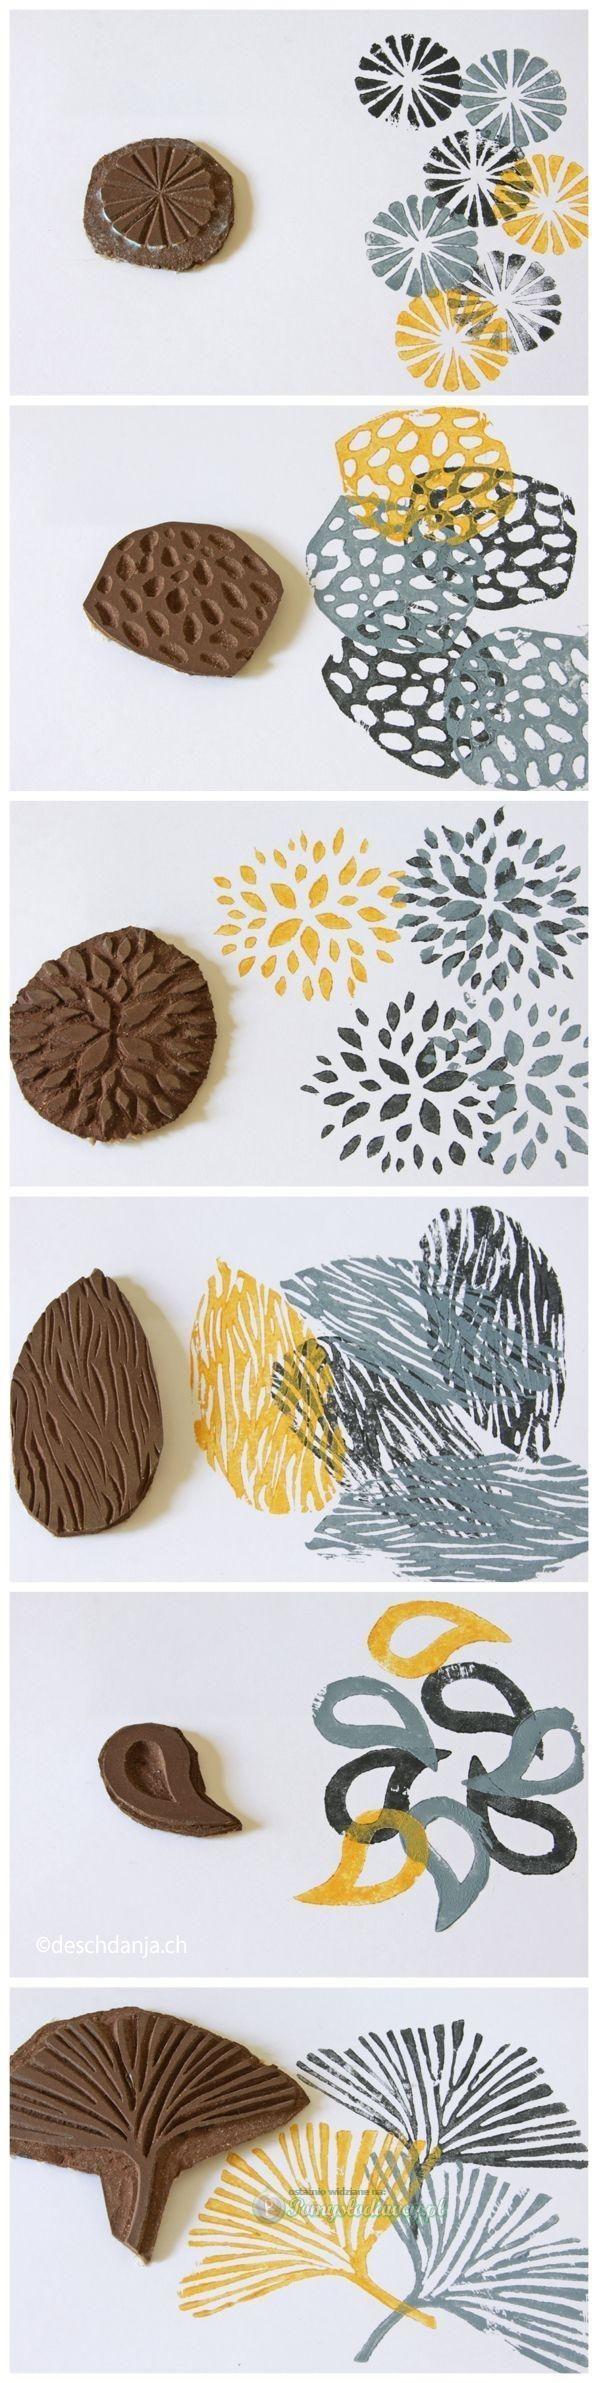 best 25 radiergummi selber machen ideas on pinterest radiergummi stempel selbstgebastelte. Black Bedroom Furniture Sets. Home Design Ideas